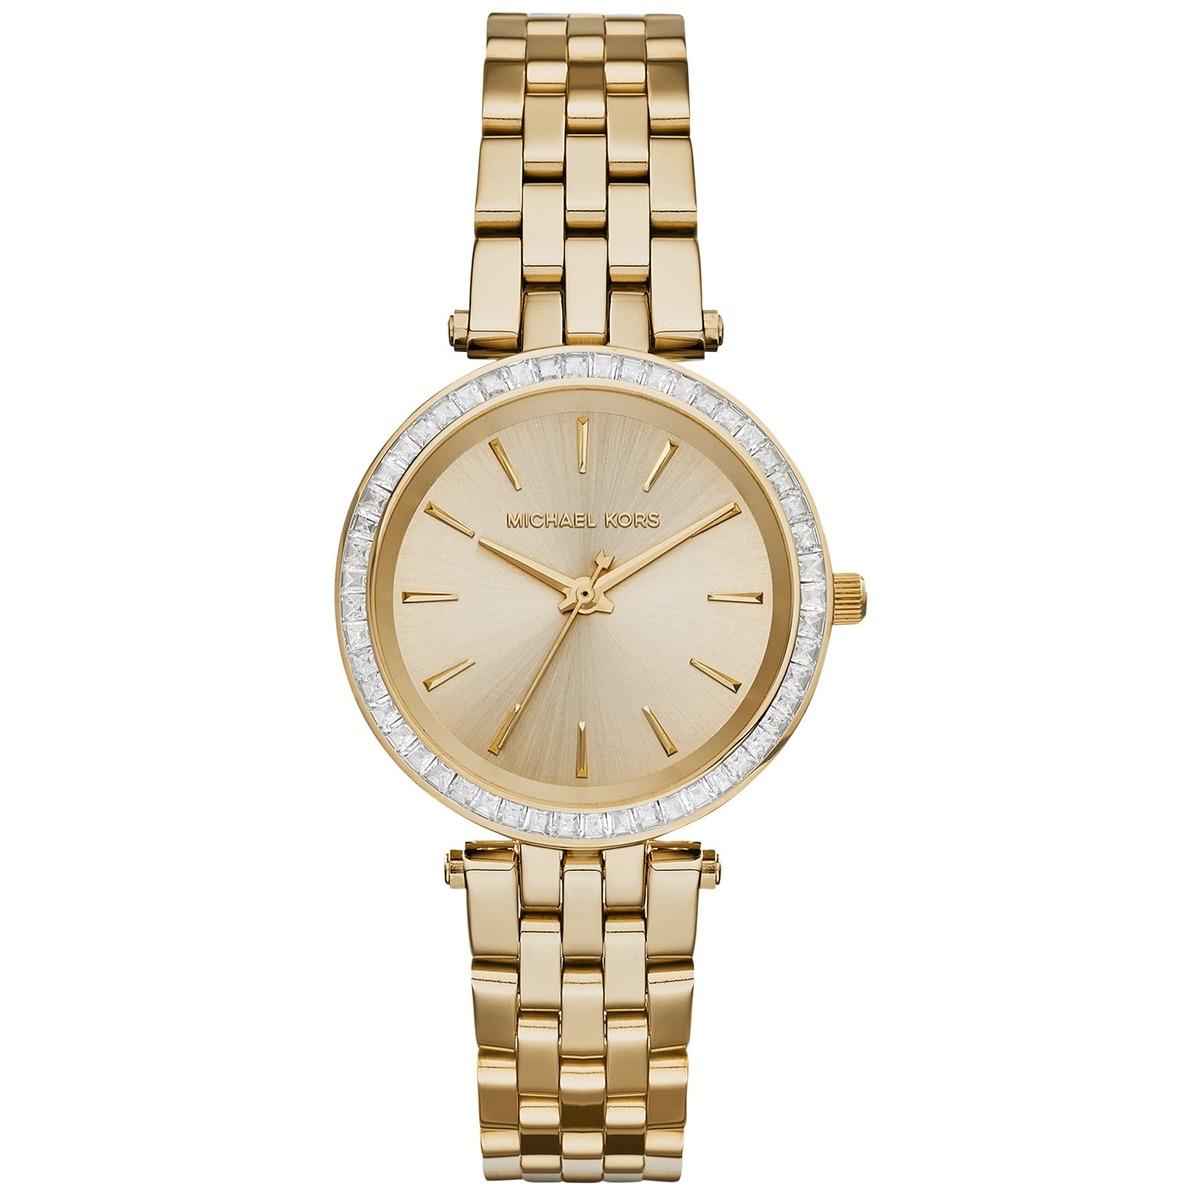 relógio michael kors darci dourado analógico feminino mk3365. Carregando  zoom. c0589db45e